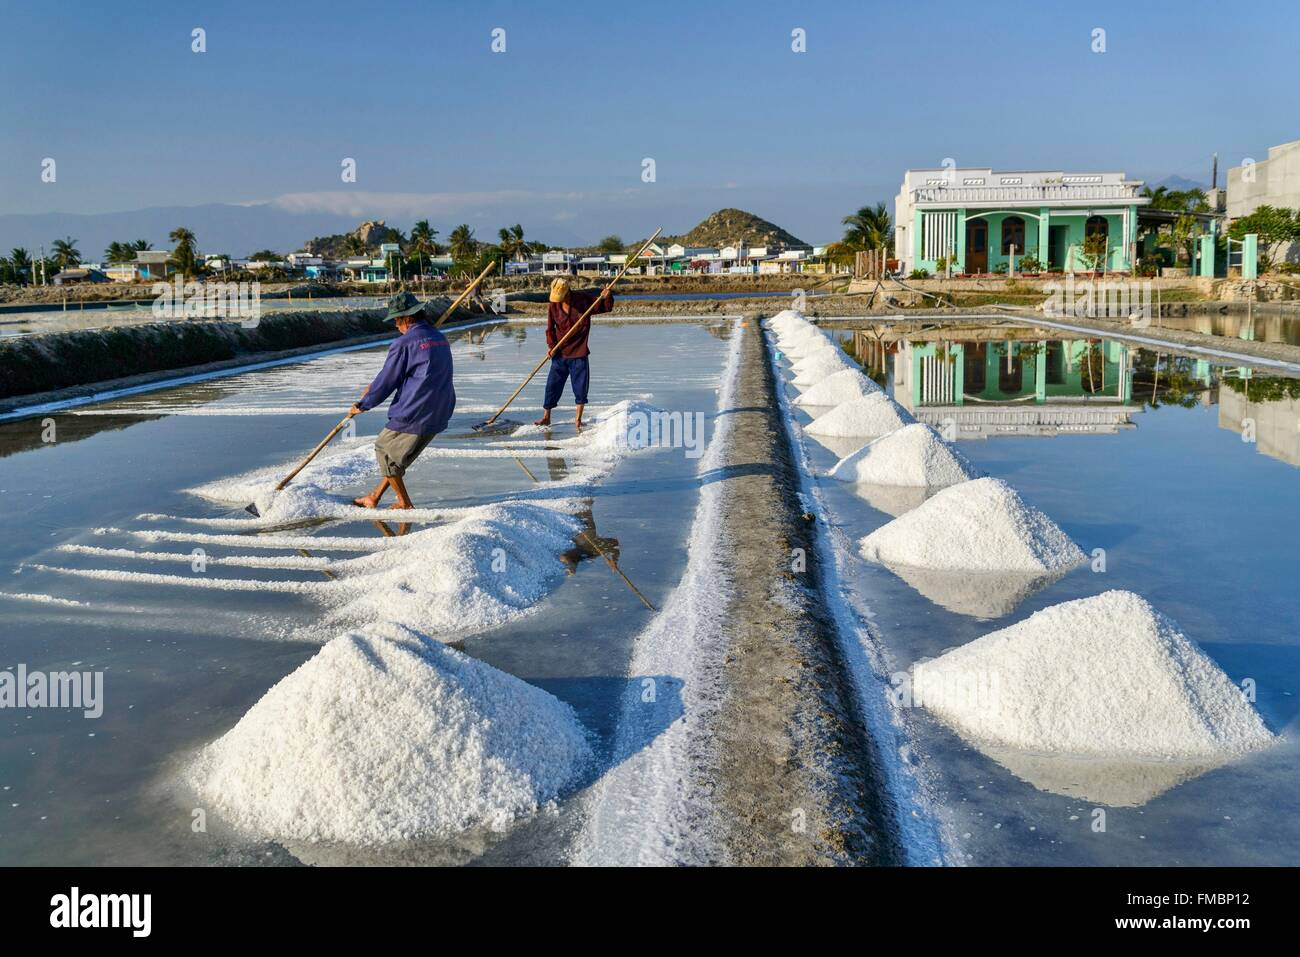 Il Vietnam, Ninh Thuan provincia, Phan Rang, salin, la raccolta del sale nel salins Immagini Stock